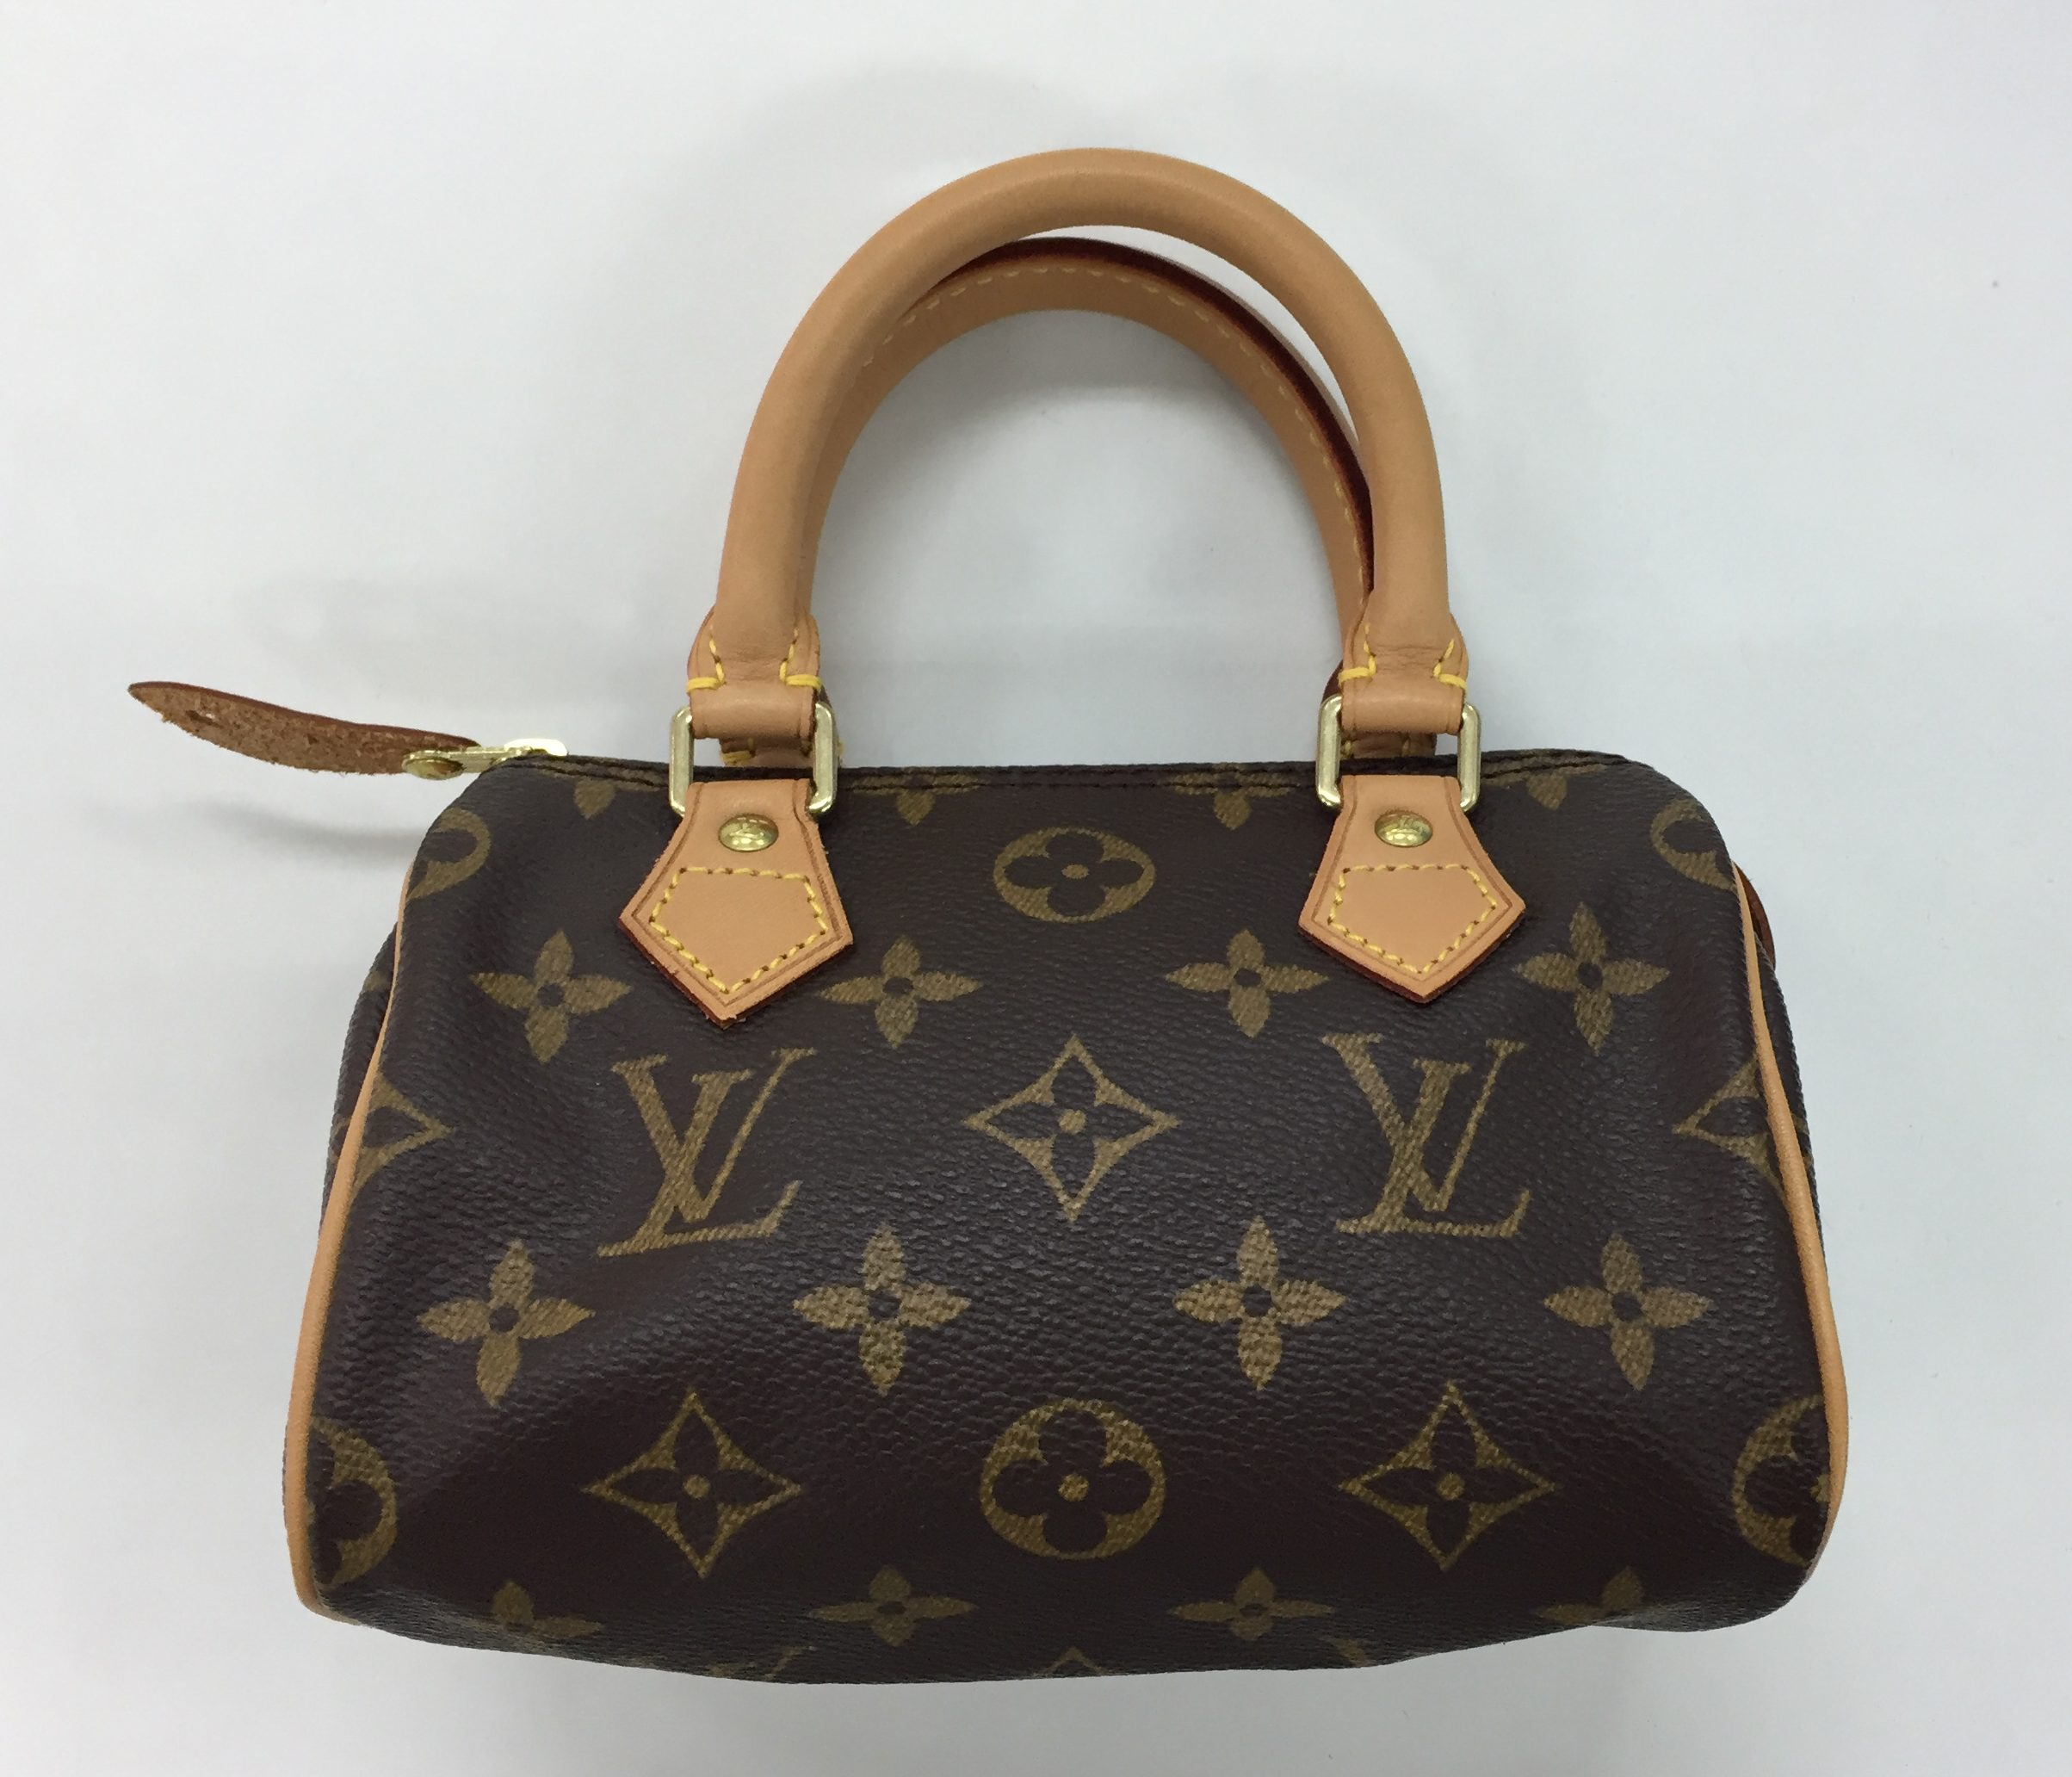 01d101ec642a 【池袋のブランド買取事例】LOUIS VUITTON ヴィトンのバッグ ミニスピーディを買い取りました♪